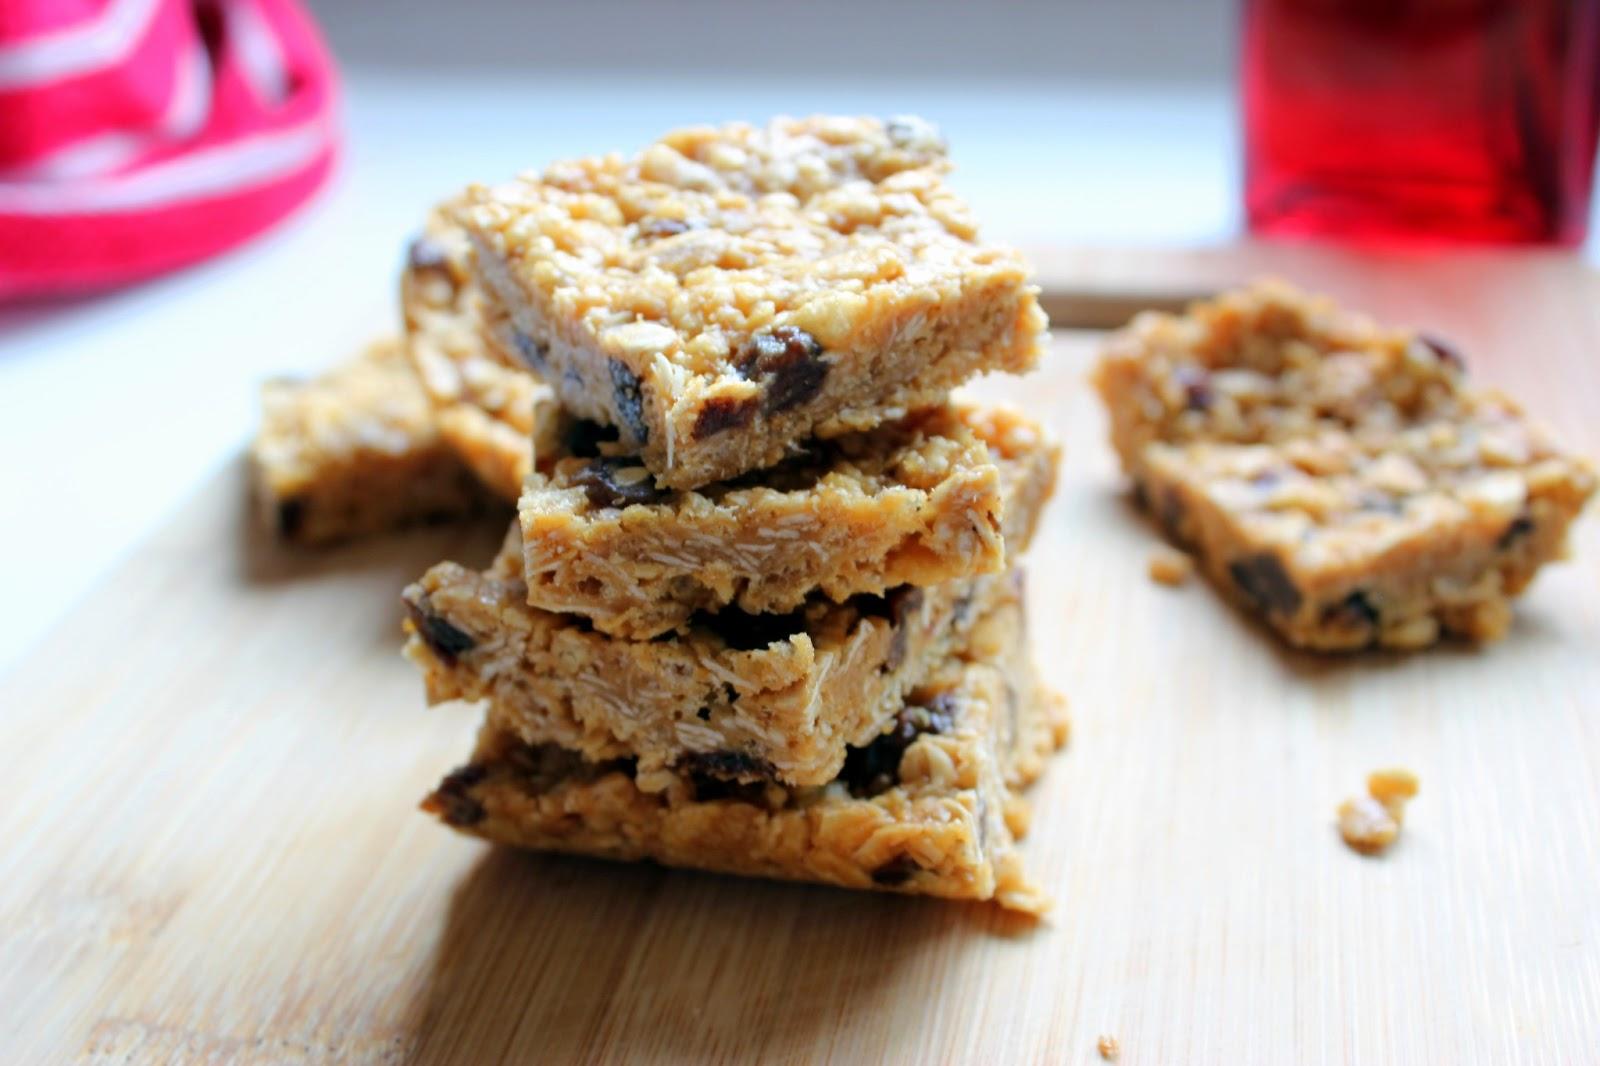 Swavory Stuff: Sarah's Best Homemade Granola Bars